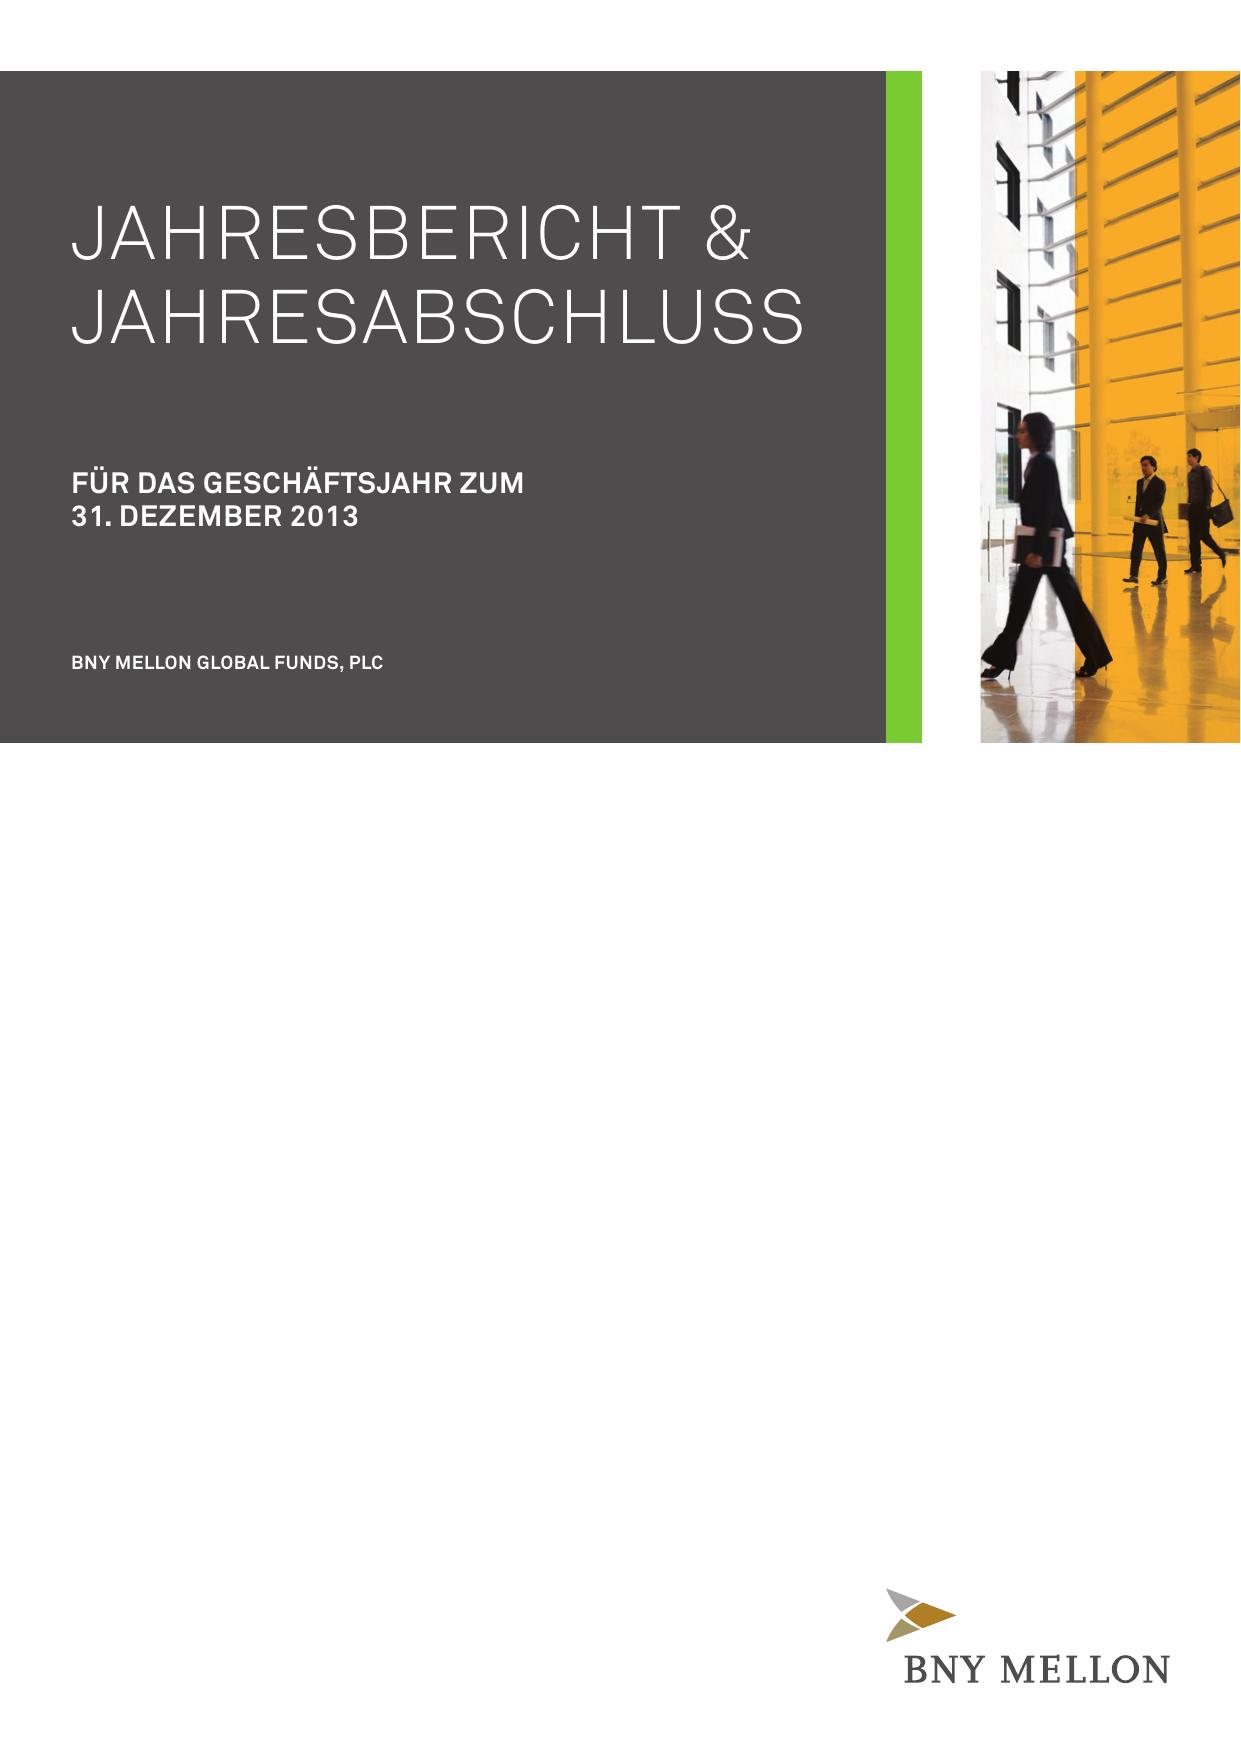 jahresbericht & jahresabschluss | manualzz.com